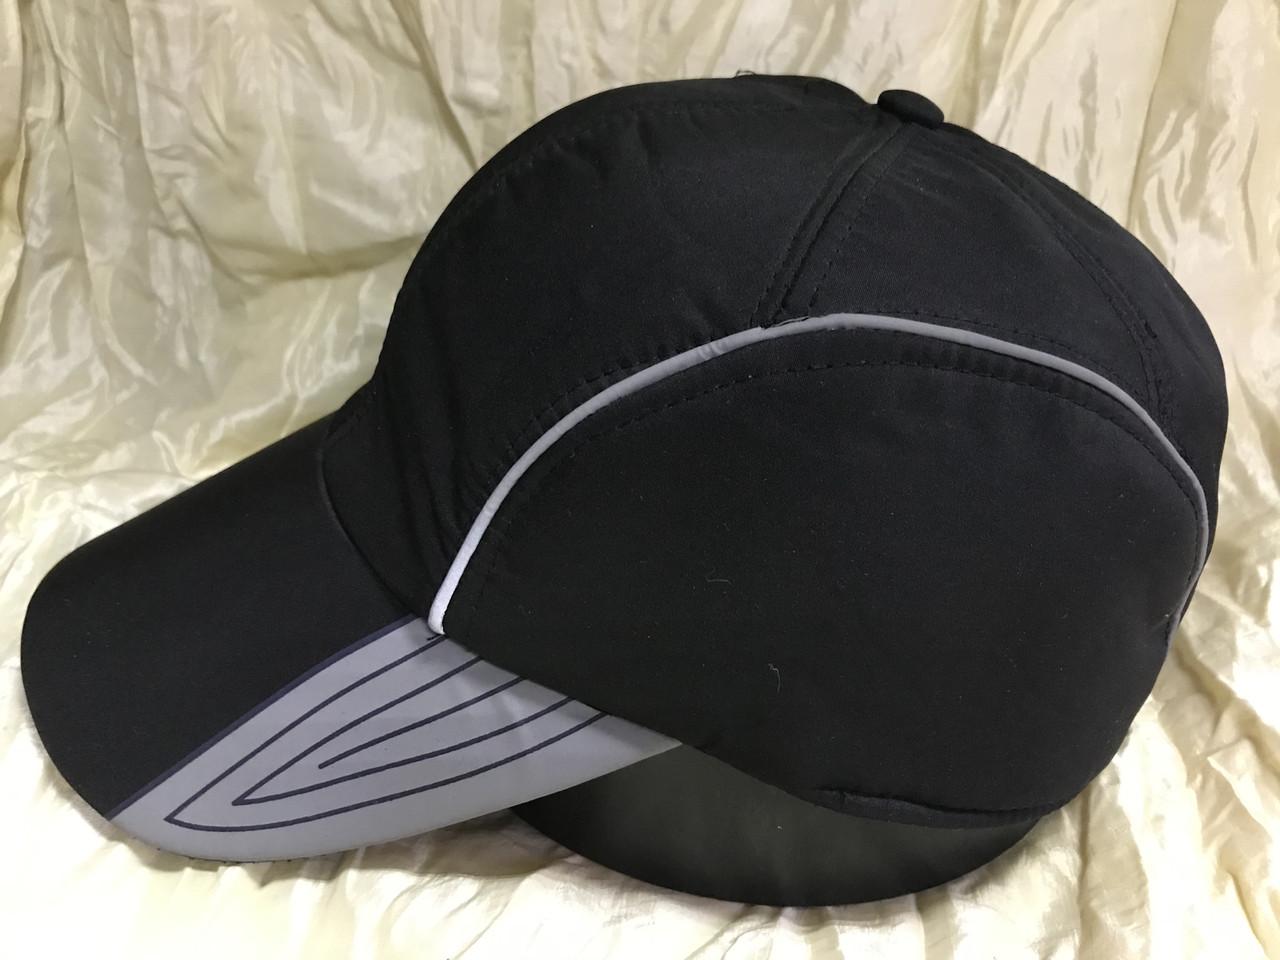 Бейсболка утеплённая мужская чёрная с серыми вставками из плащёвки